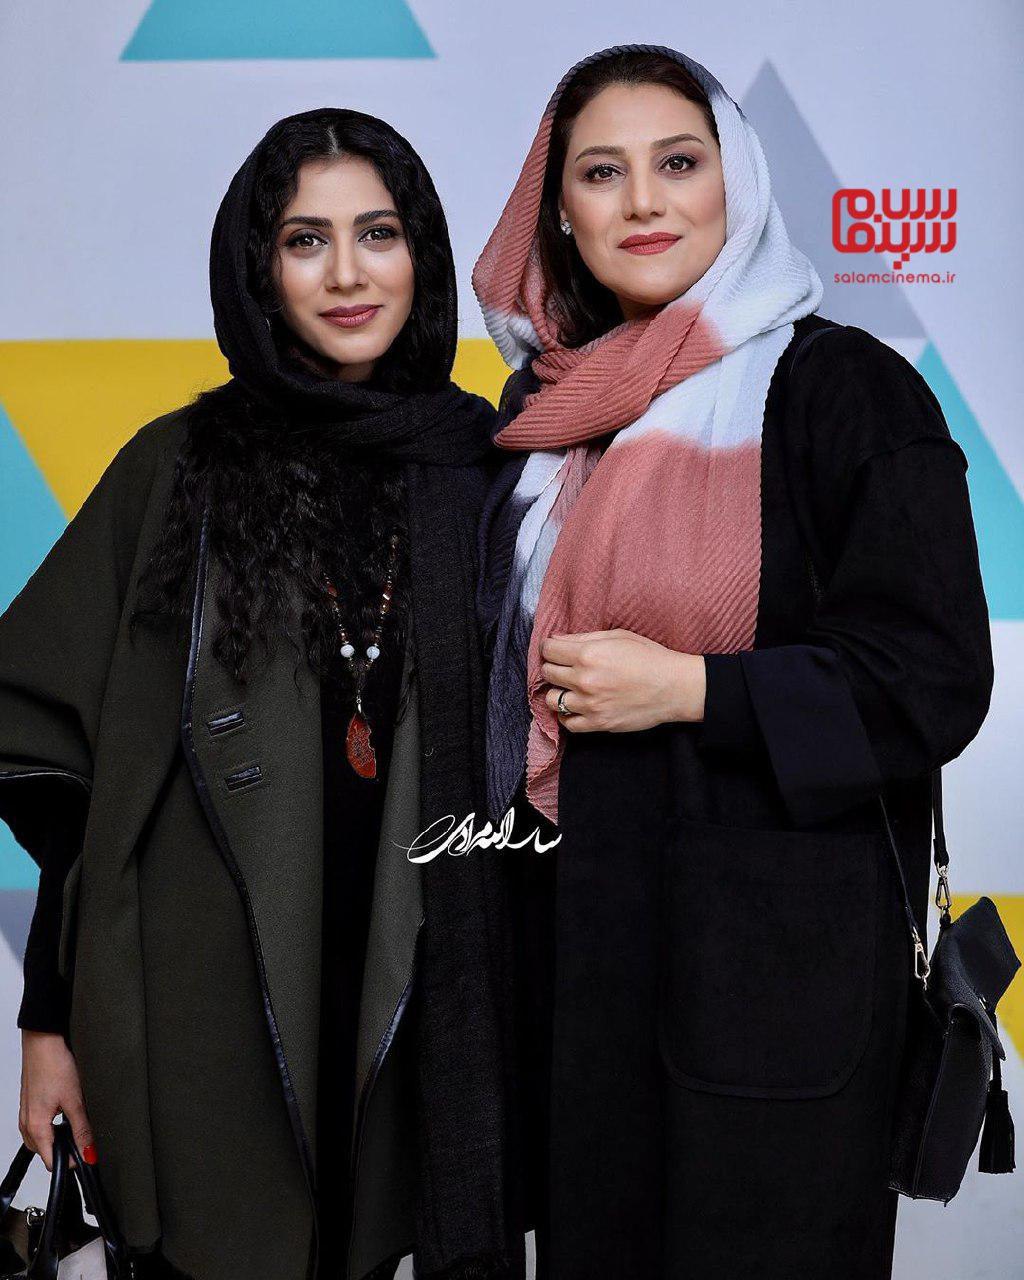 گلاره عباسی - شبنم مقدمی- اکران خصوصی فیلم «خداحافظ دختر شیرازی»-گزارش تصویری